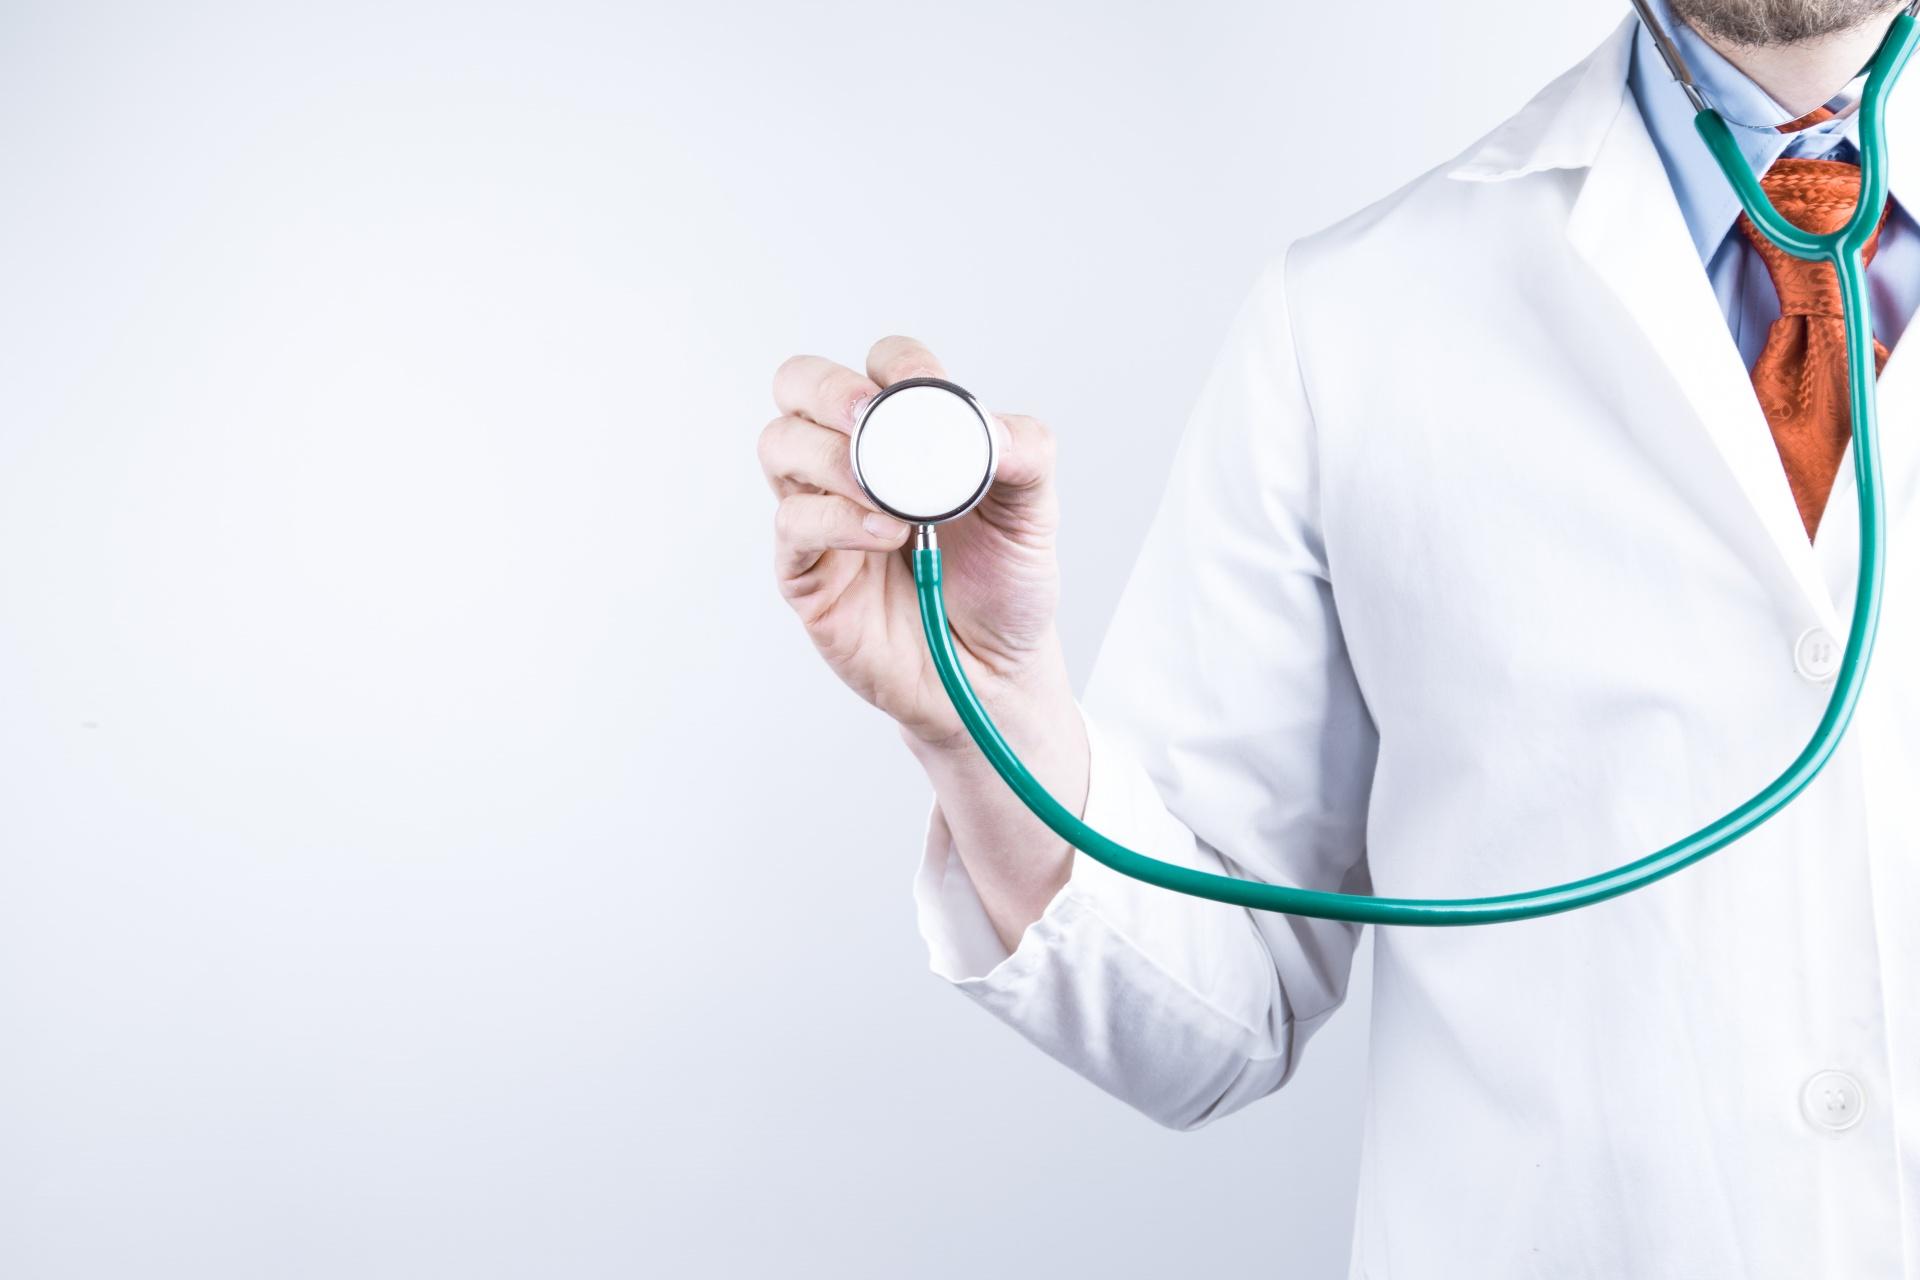 federico girardi médico traumatólogo